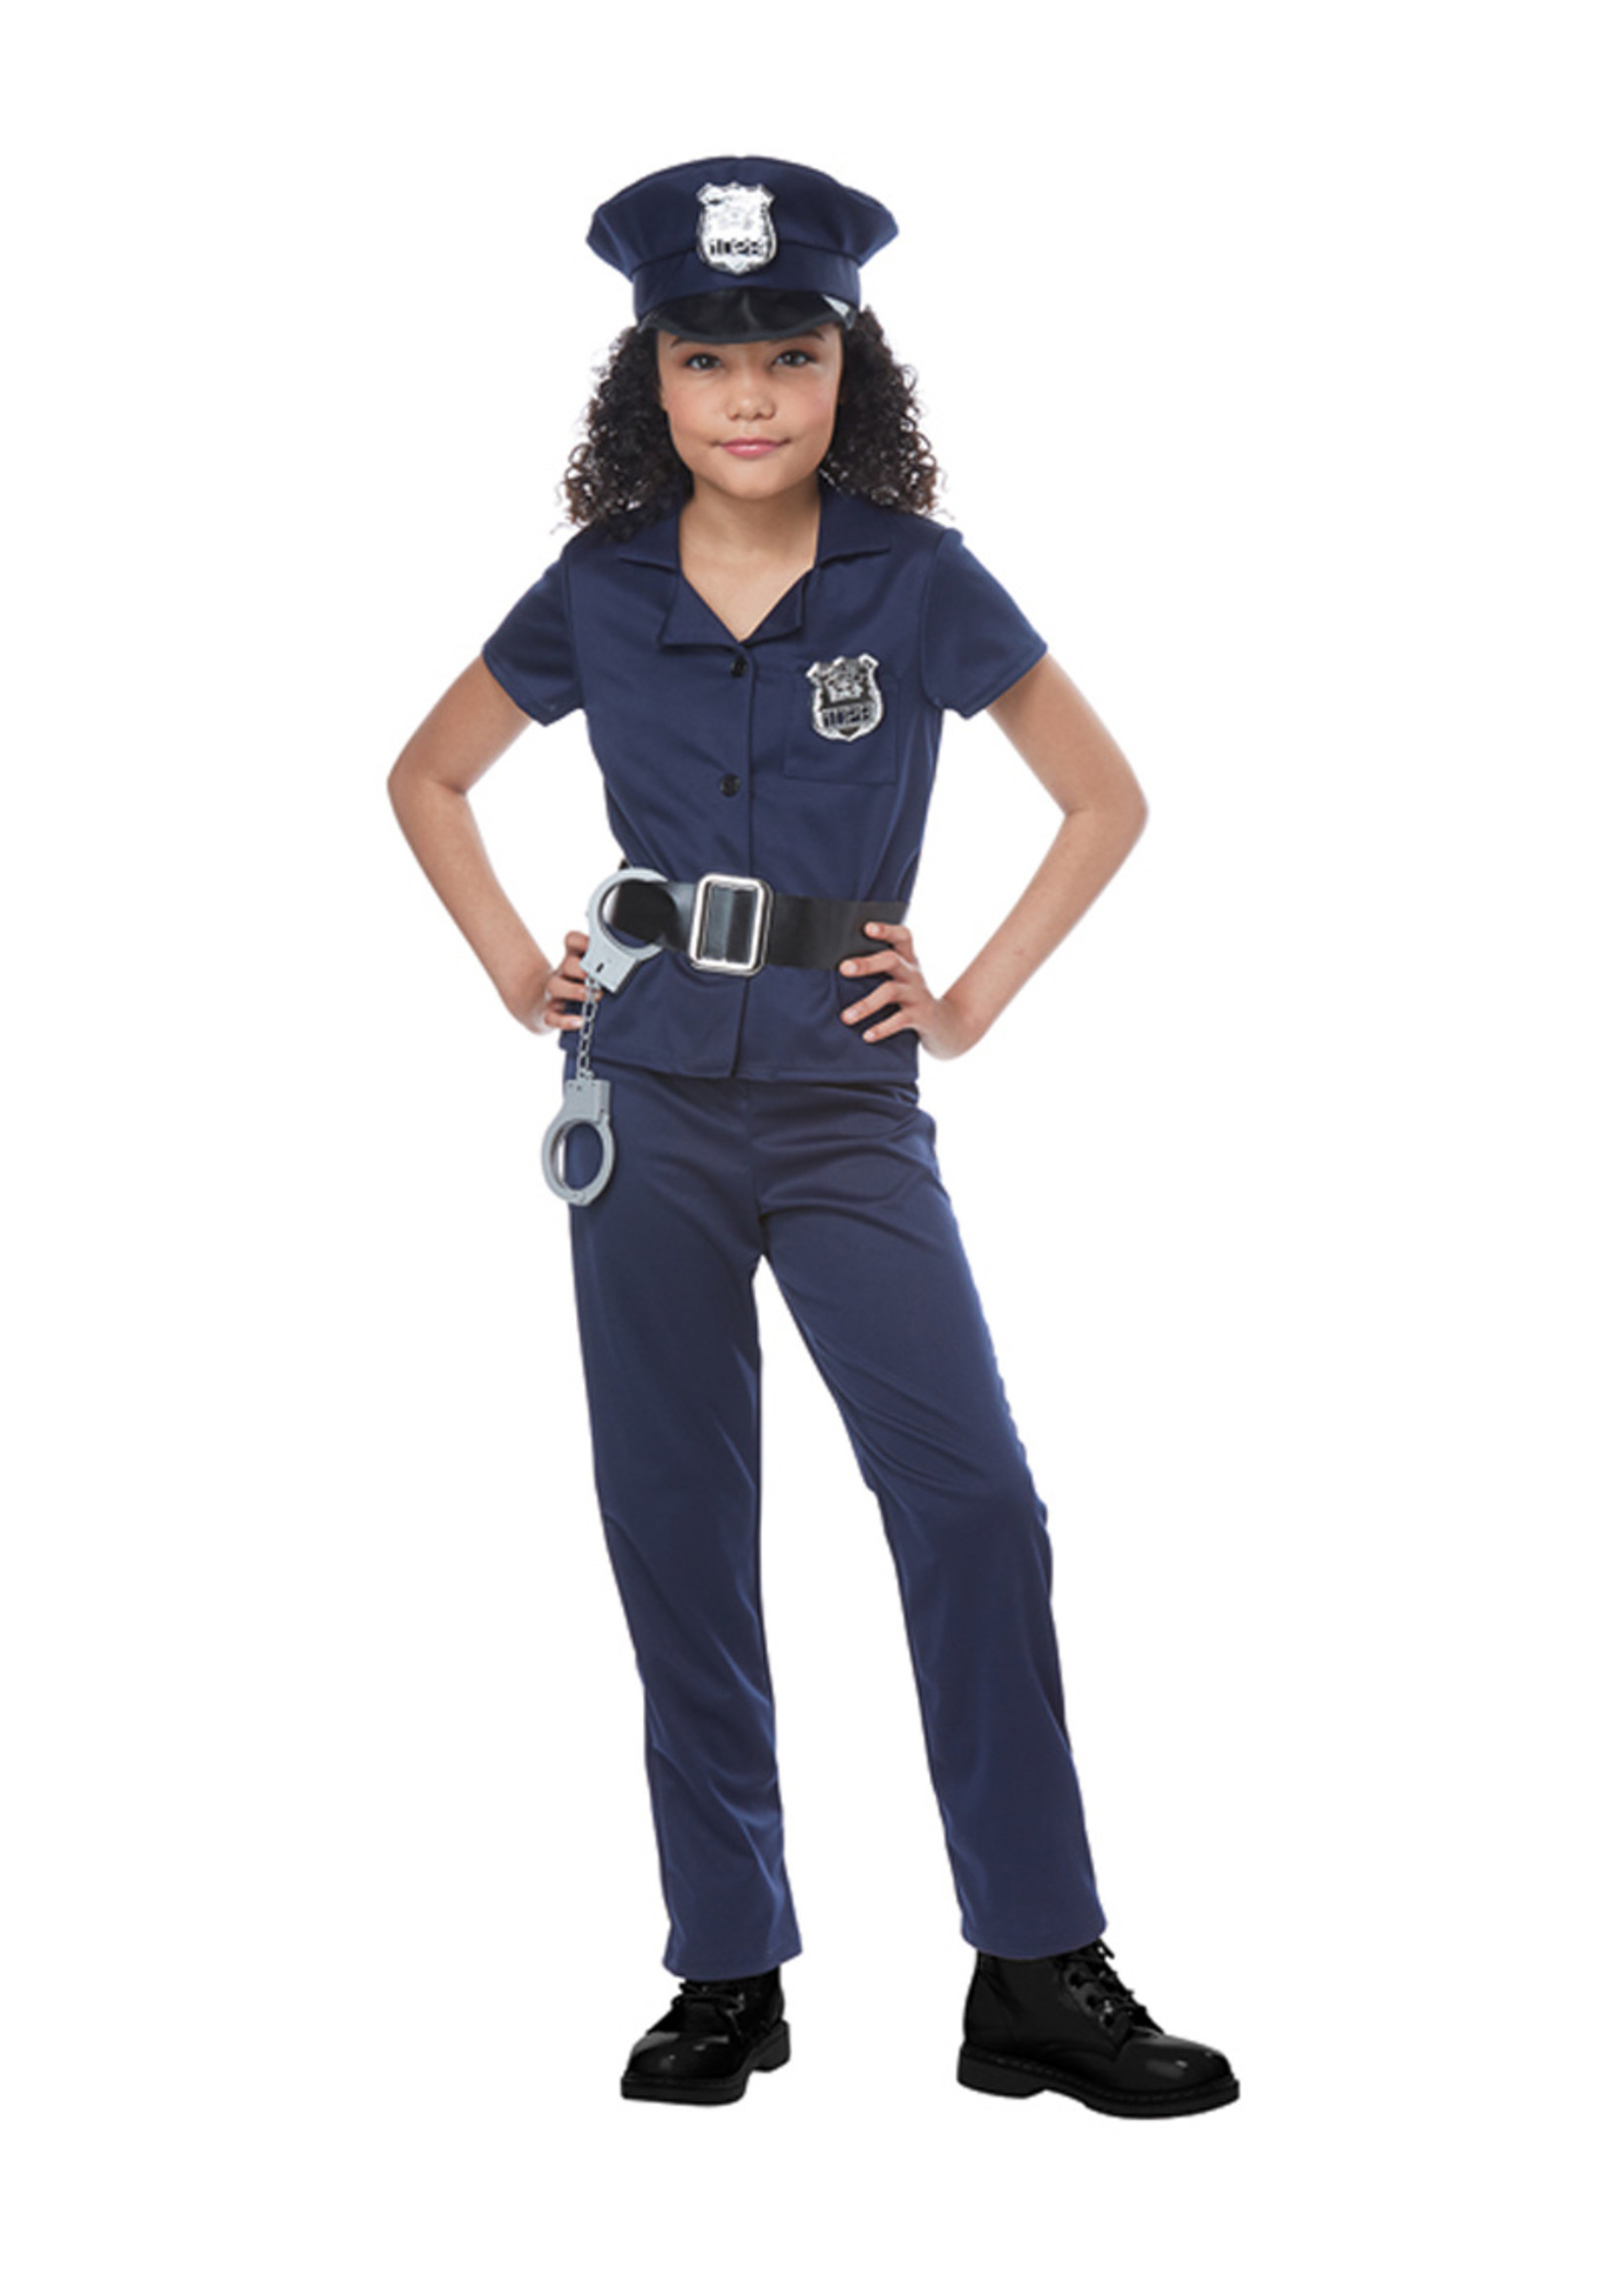 Cute Cop Costume - Girls